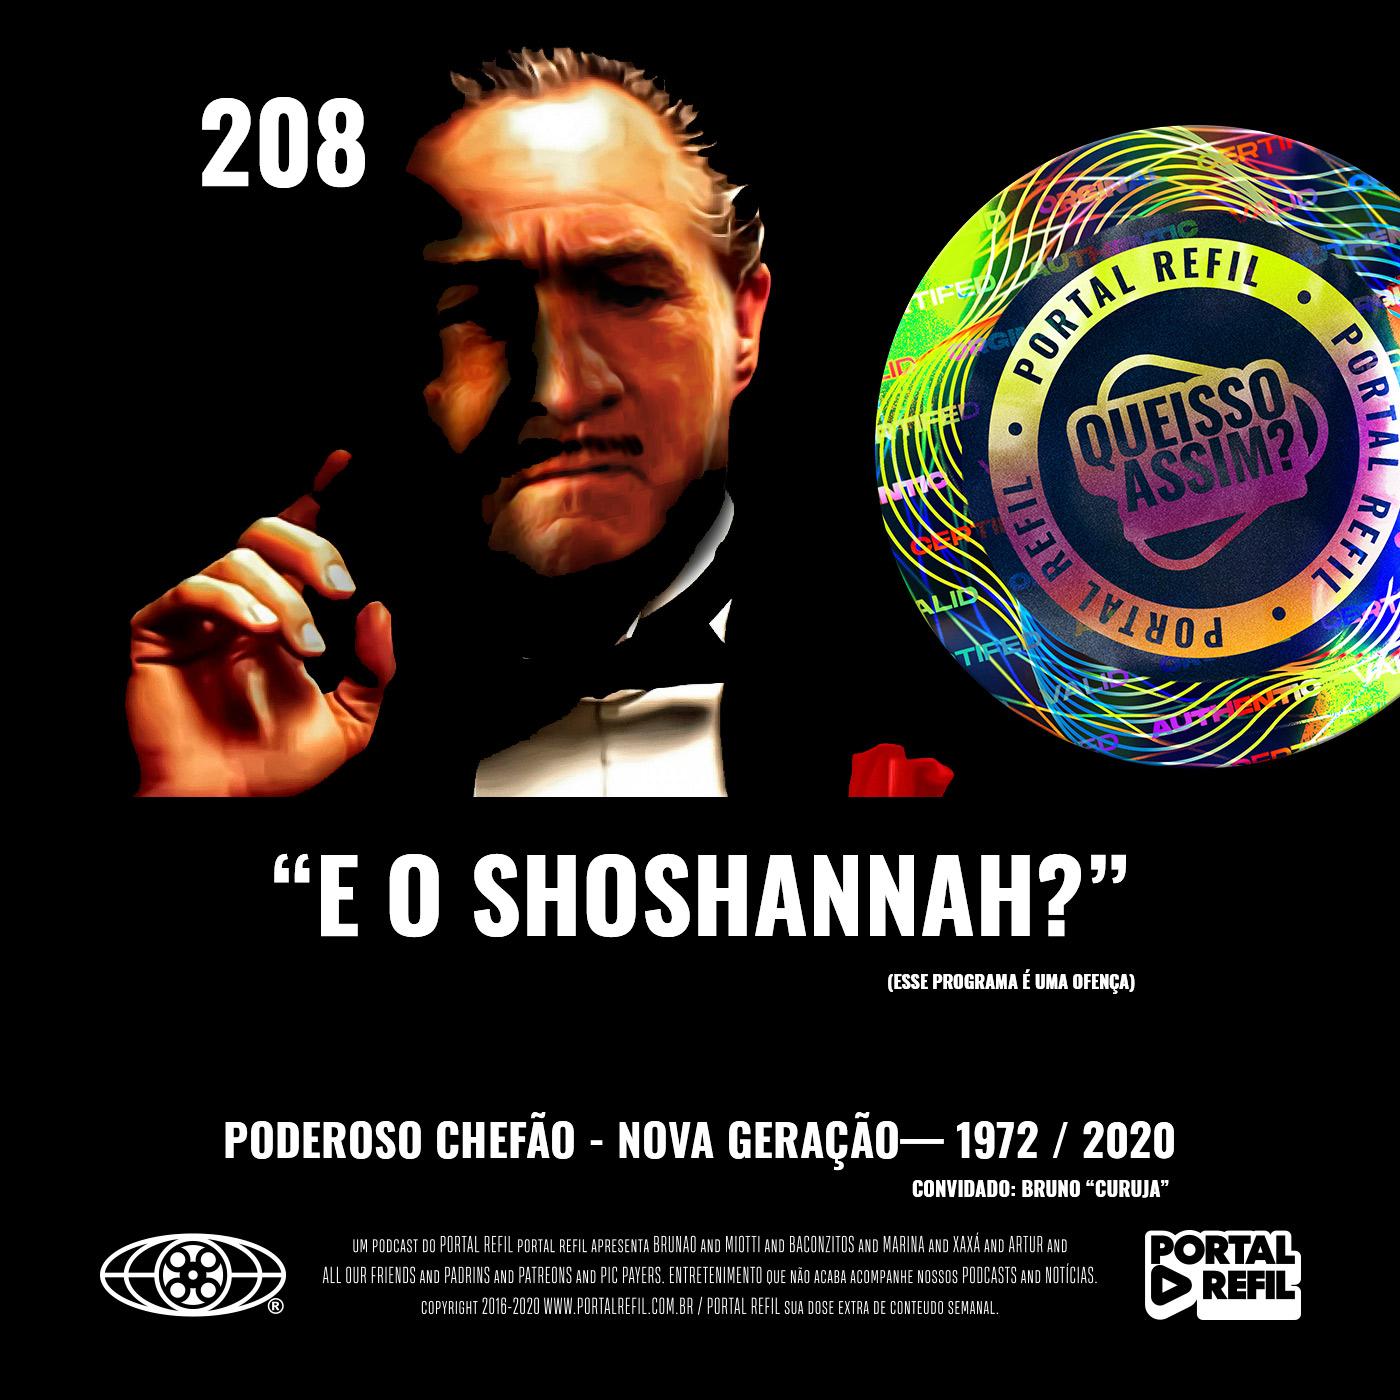 QueIssoAssim 208 – E o Shoshannah? (Remake de O Poderoso Chefão)